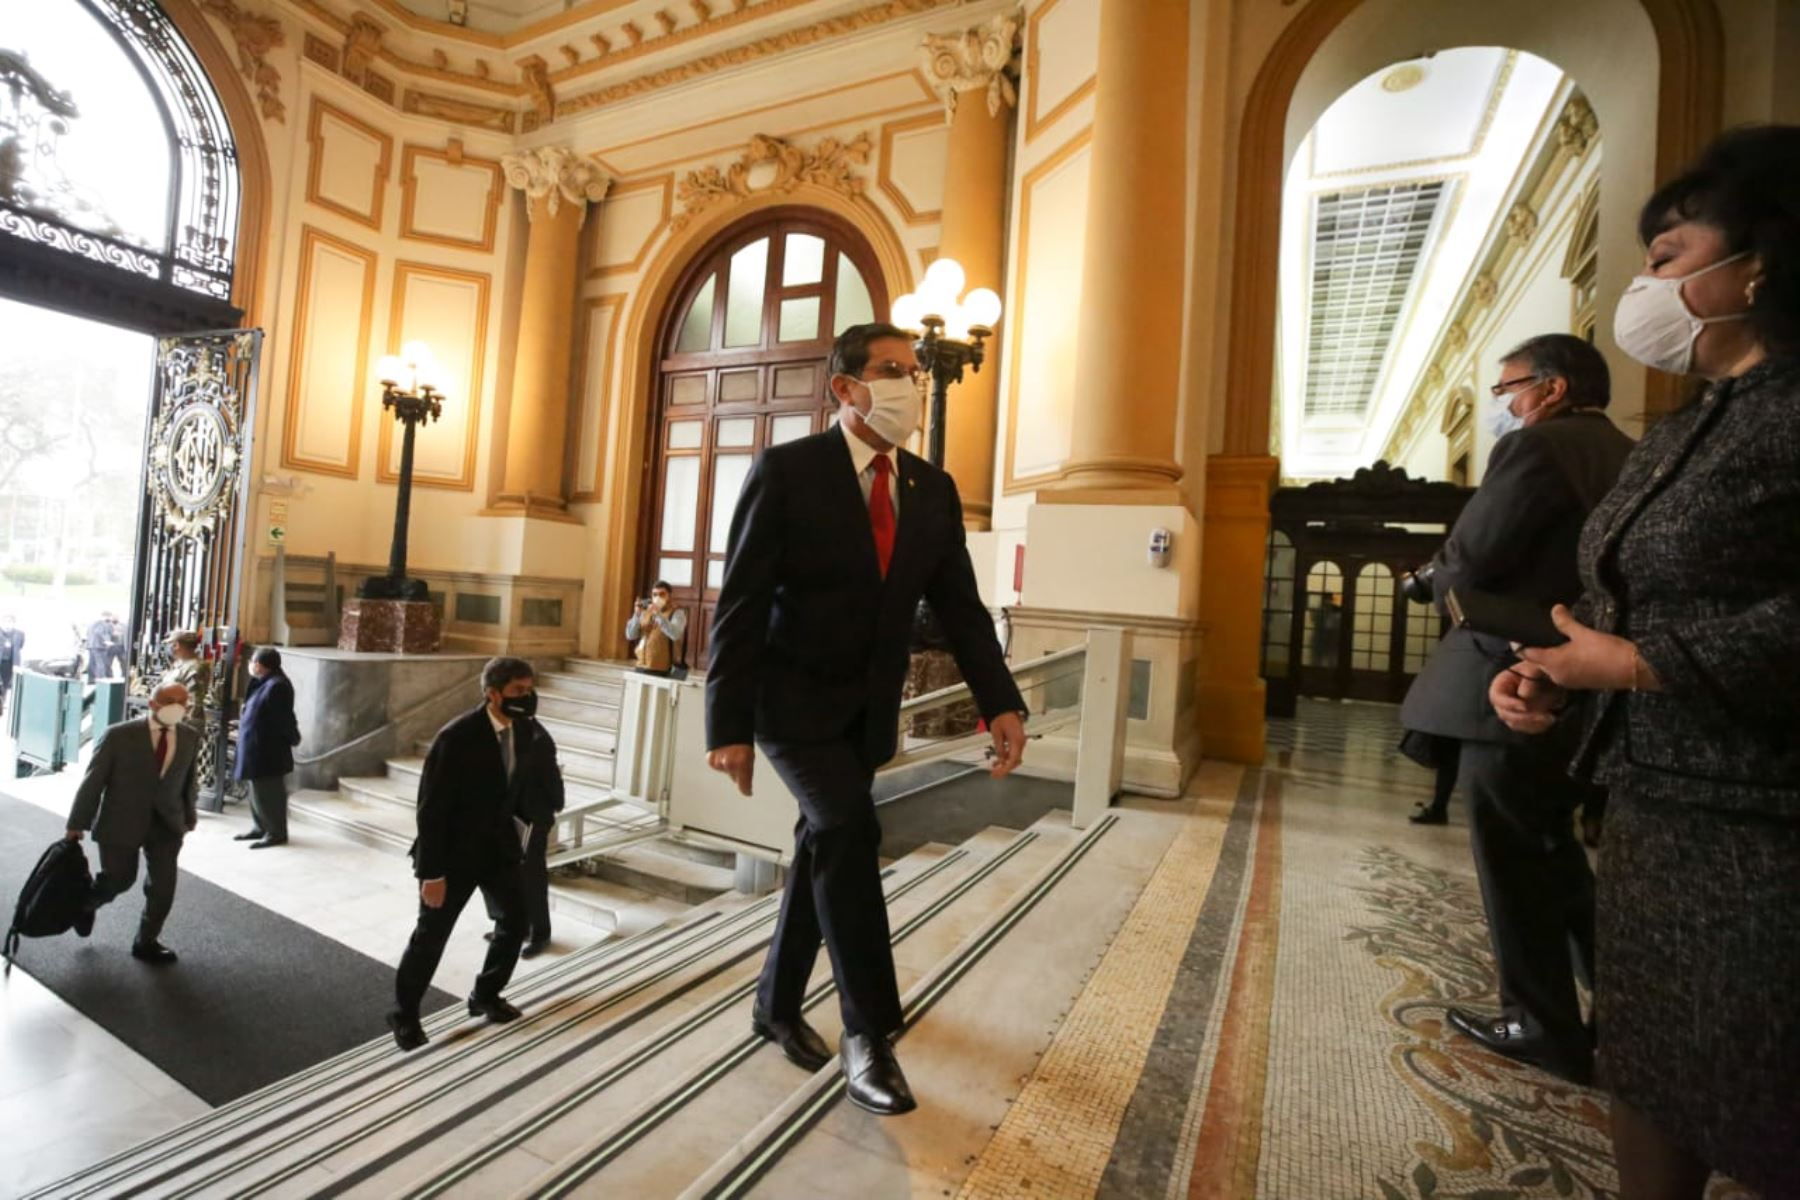 Ministro de Defensa, Jorge Luis Chávez Cresta, llega a sede del Congreso junto al gabinete ministerial para solicitar el voto de confianza. Foto: ANDINA/PCM